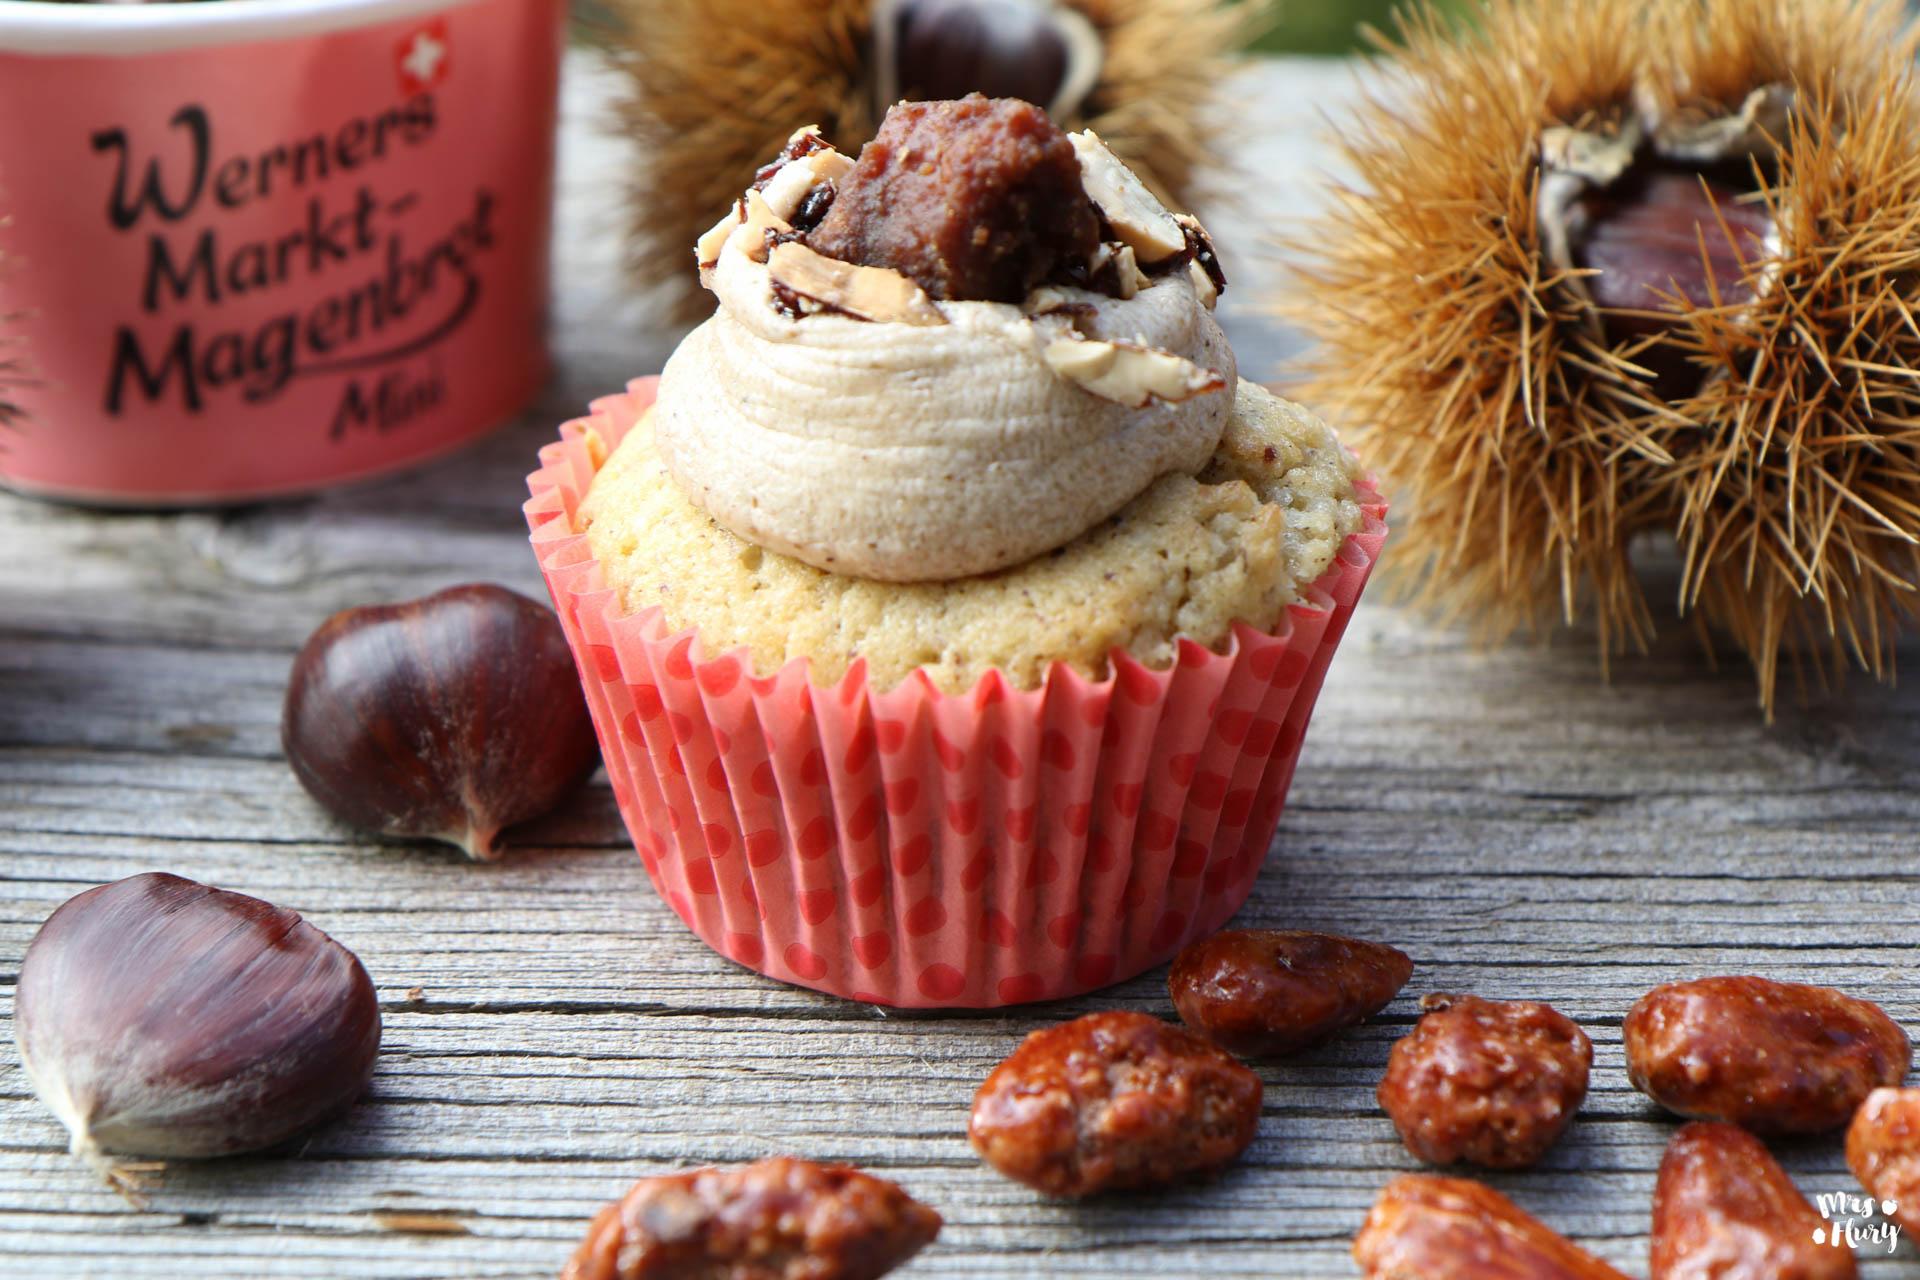 herbschtmaess-cupcake-4-1-von-1